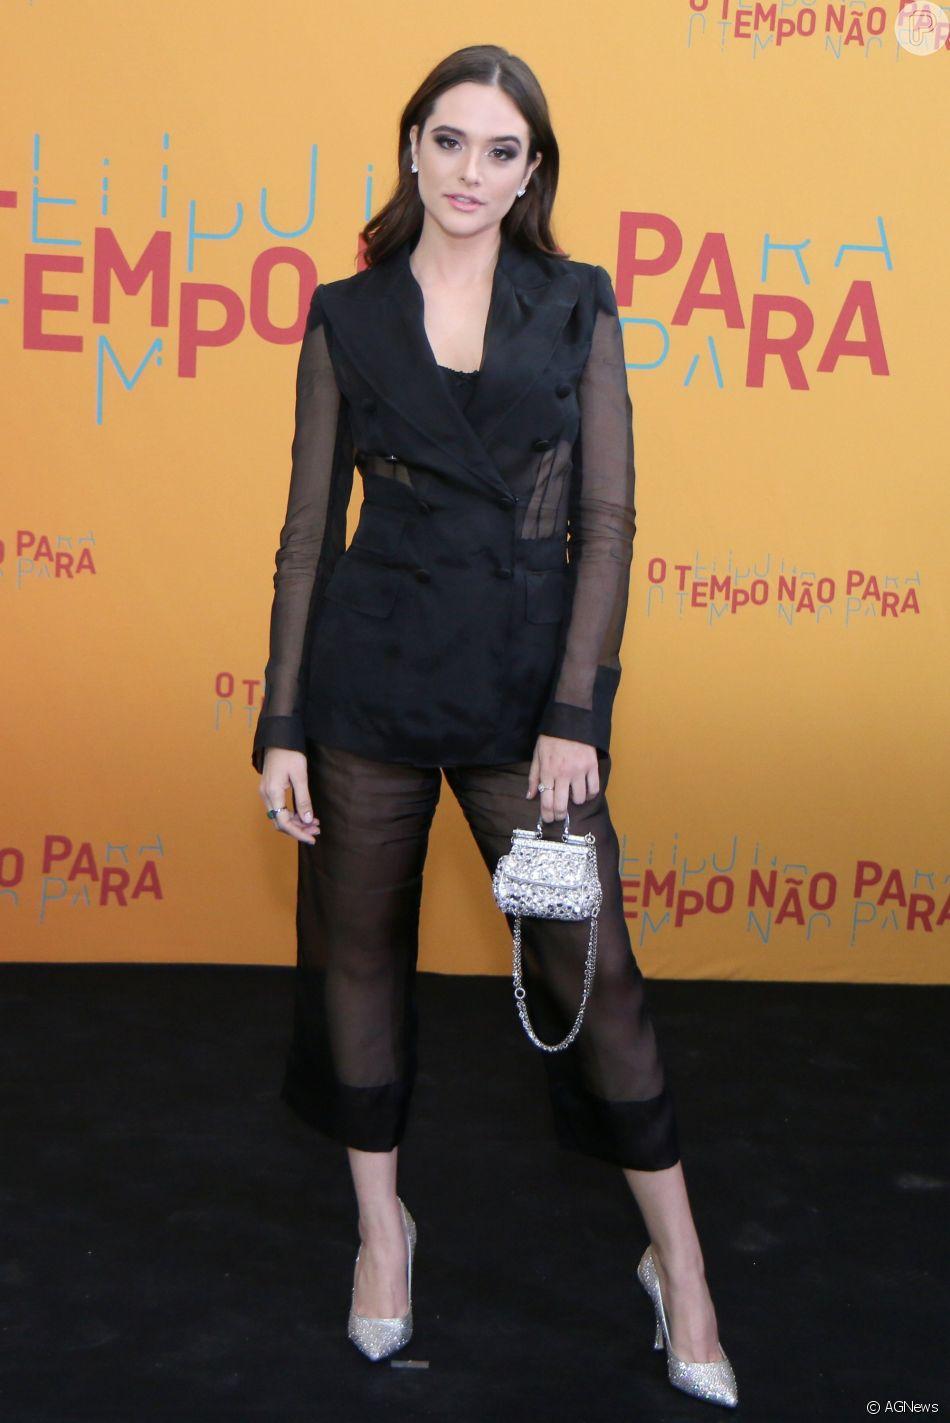 Juliana Paiva apostou em terninho Dolce & Gabbana nos acessórios prateados para a festa de lançamento da novela 'O Tempo Não Para', em 16 de julho de 2018